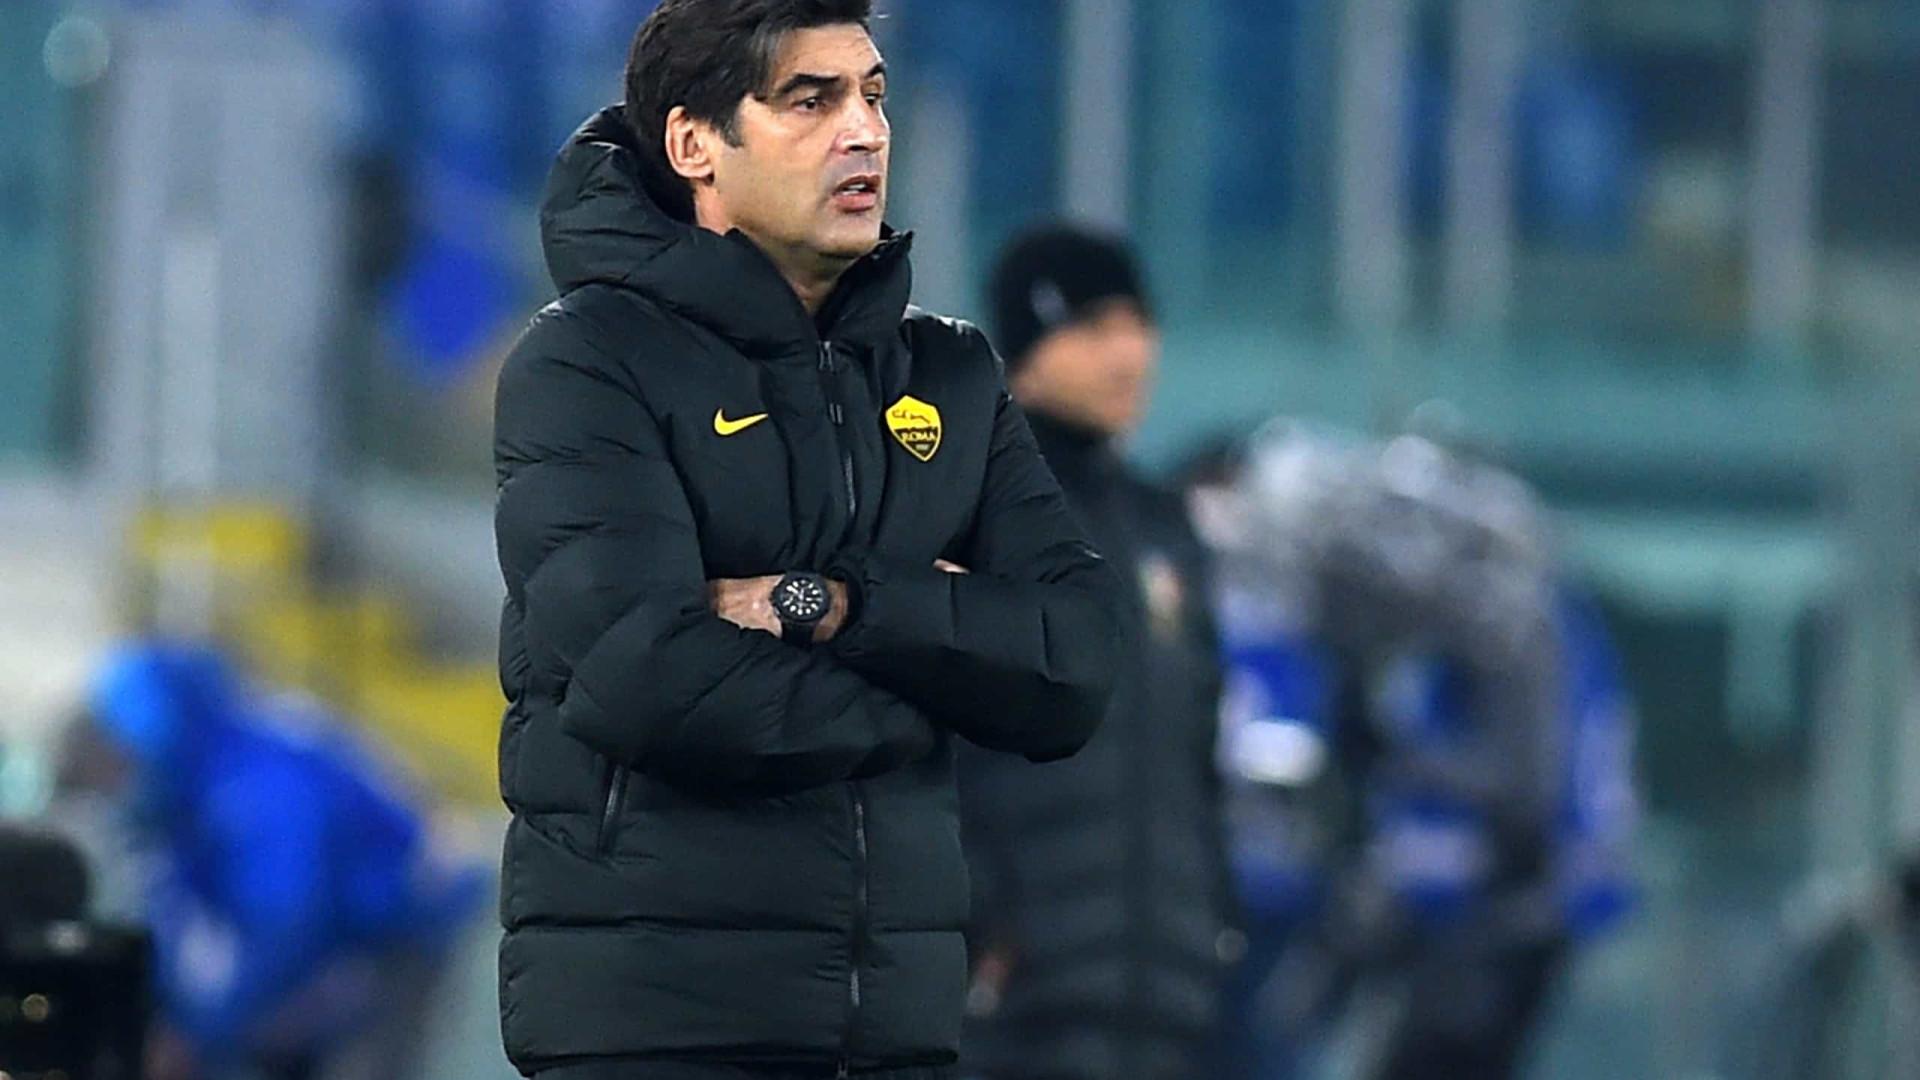 Técnico da Roma reconhece erro ao fazer 6 trocas: 'Vamos discutir internamente'